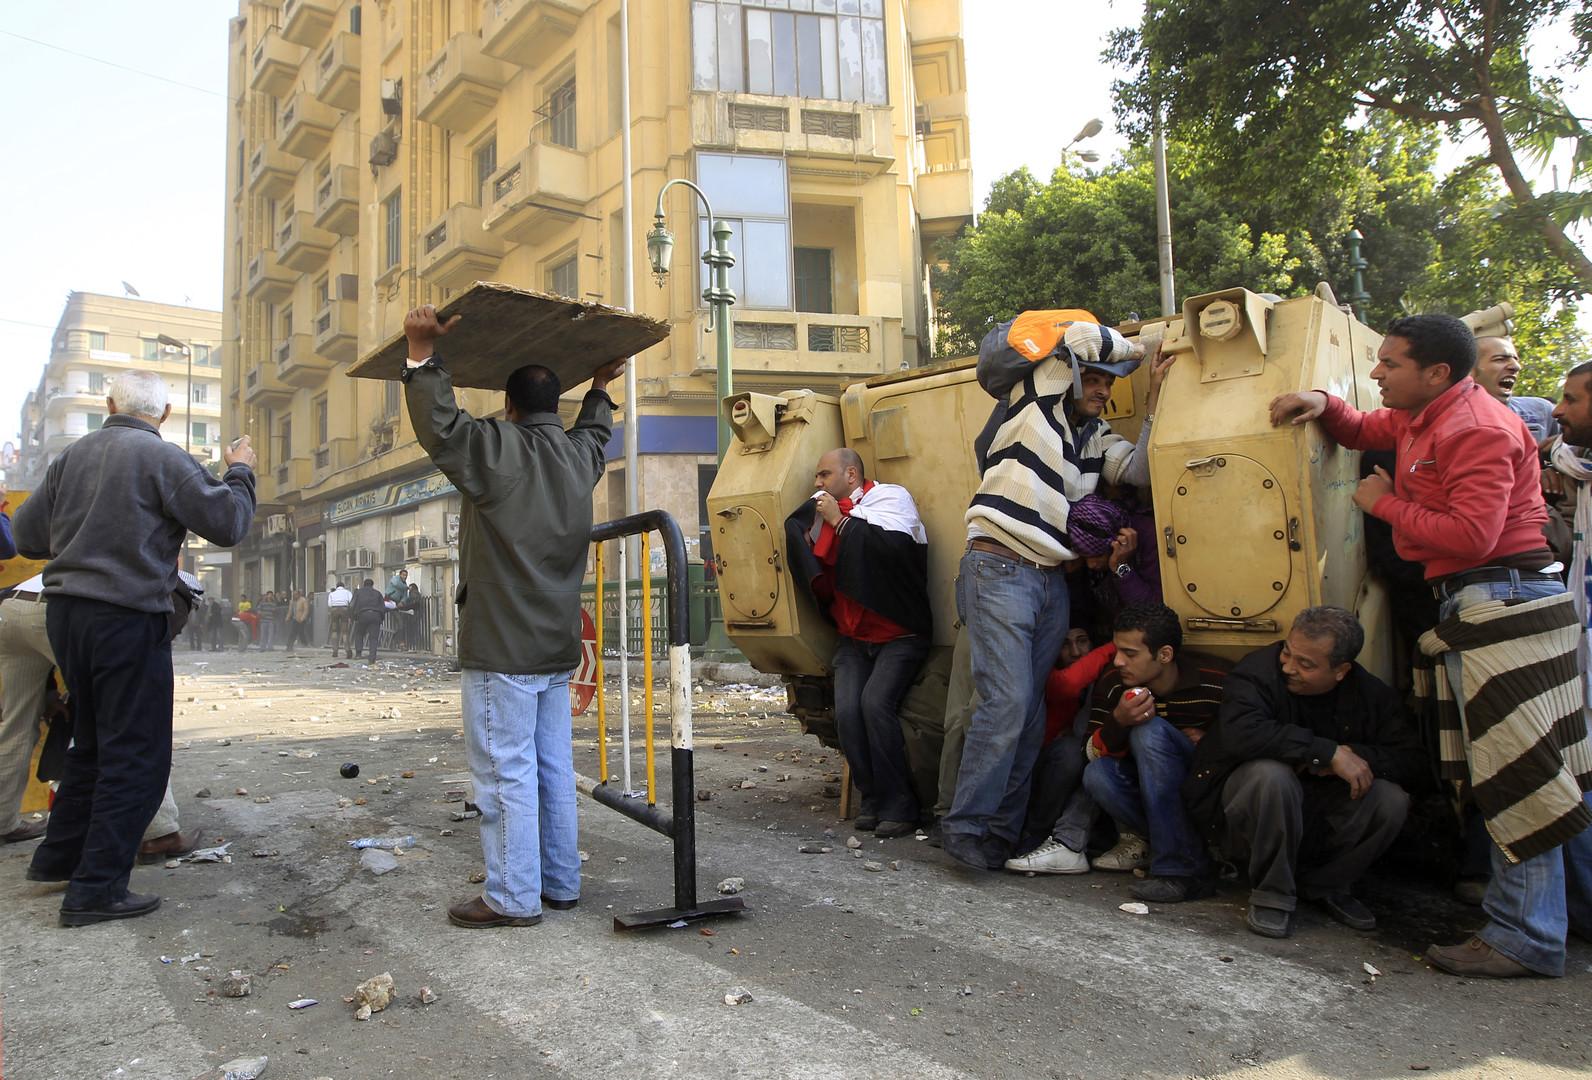 Am 2. Februar kommt es zu den bis dahin schwersten Auseinandersetzungen. Mubarak-Anhänger versuchen den Platz zu besetzen.